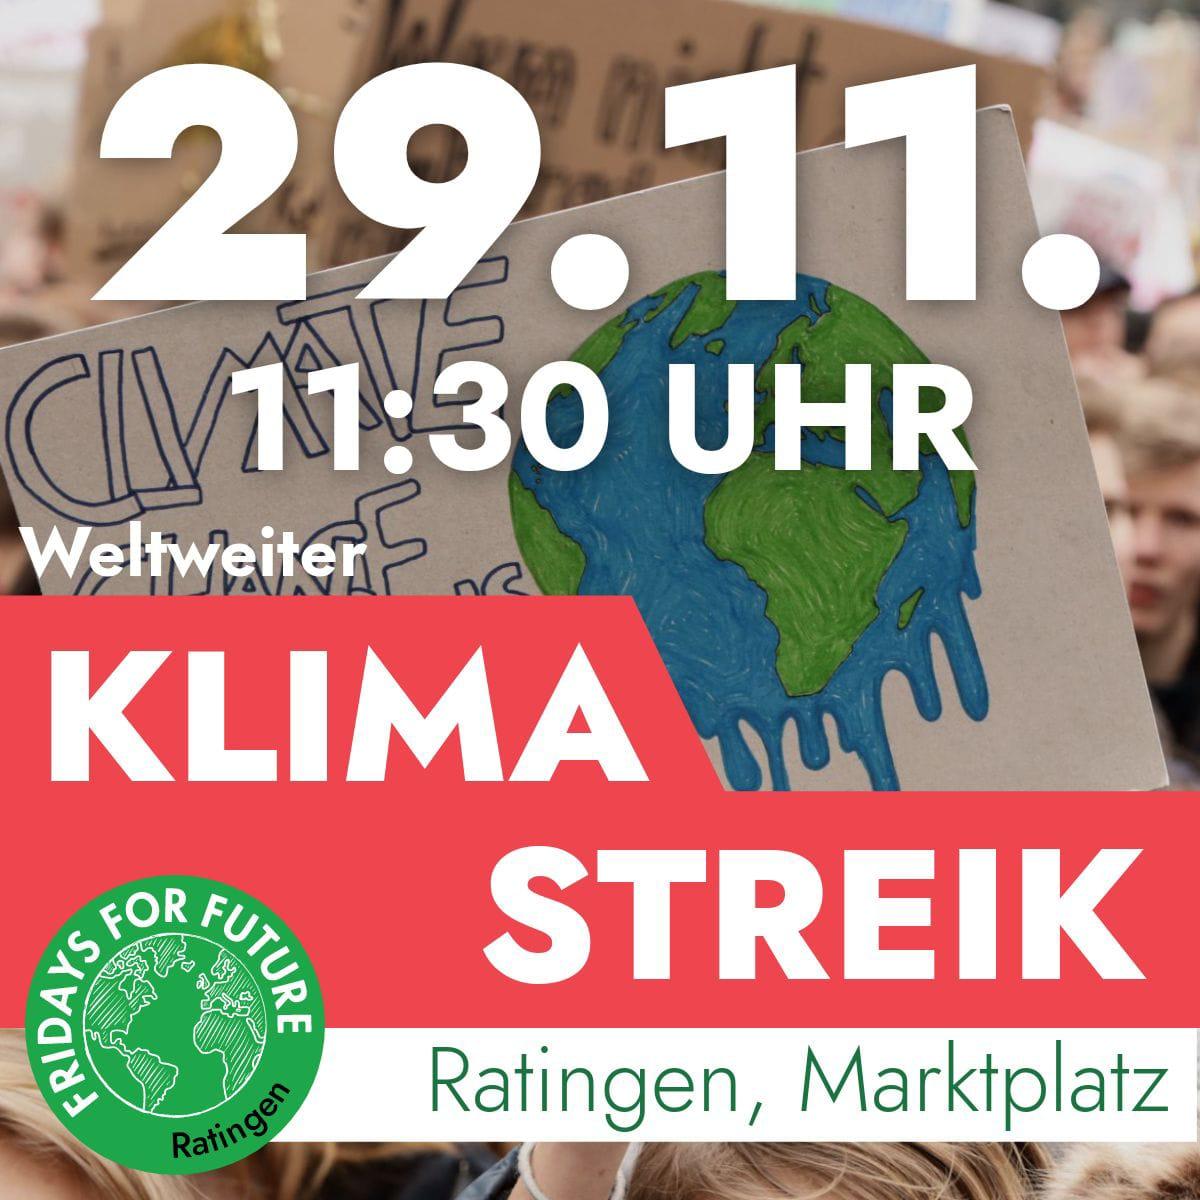 Ratingen.nachhaltig_Fridays for Future Ratingen_FFF_Klimastreik_29.11.2019